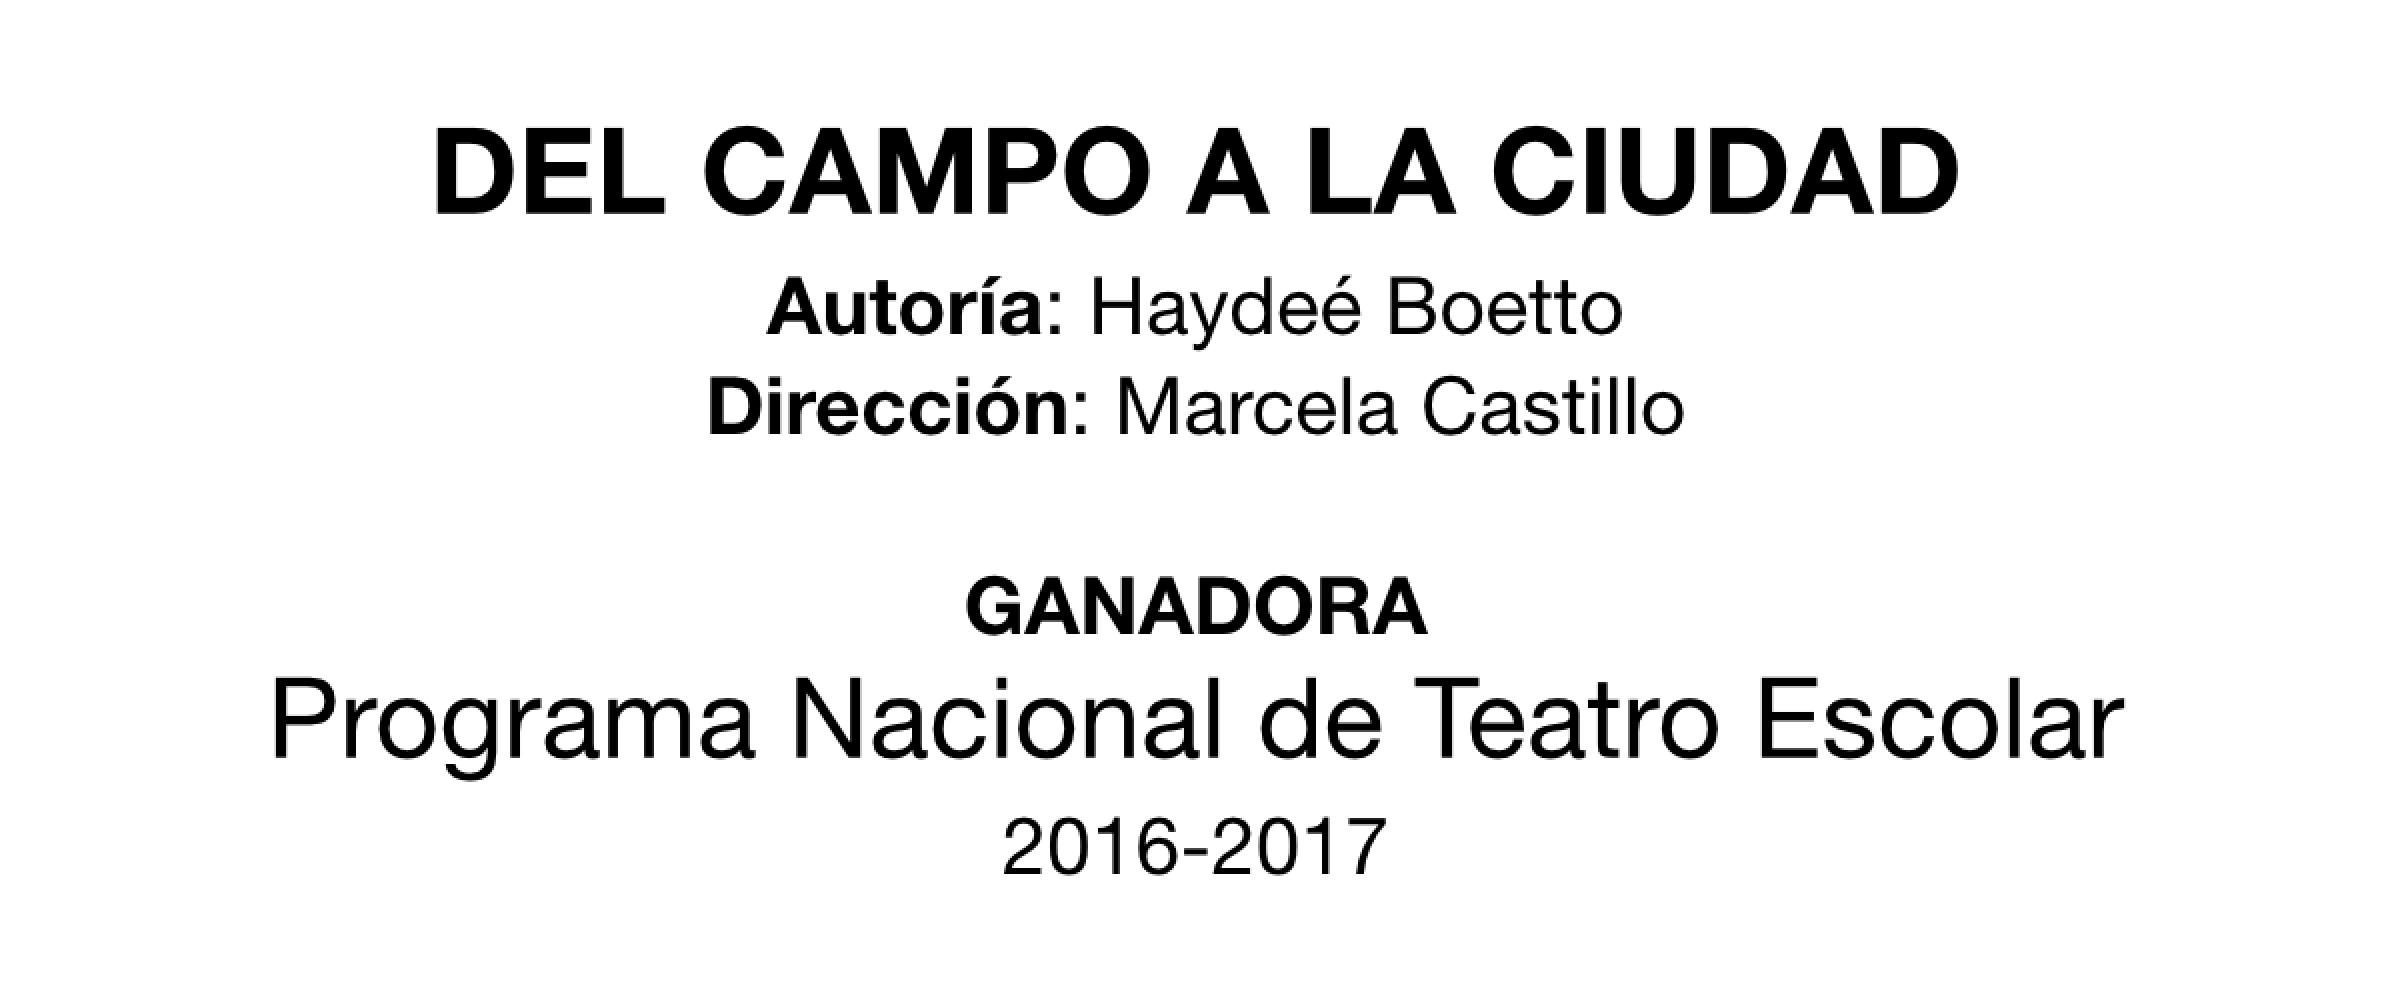 Banner Ganadora Teatro Escolar 2016-2017